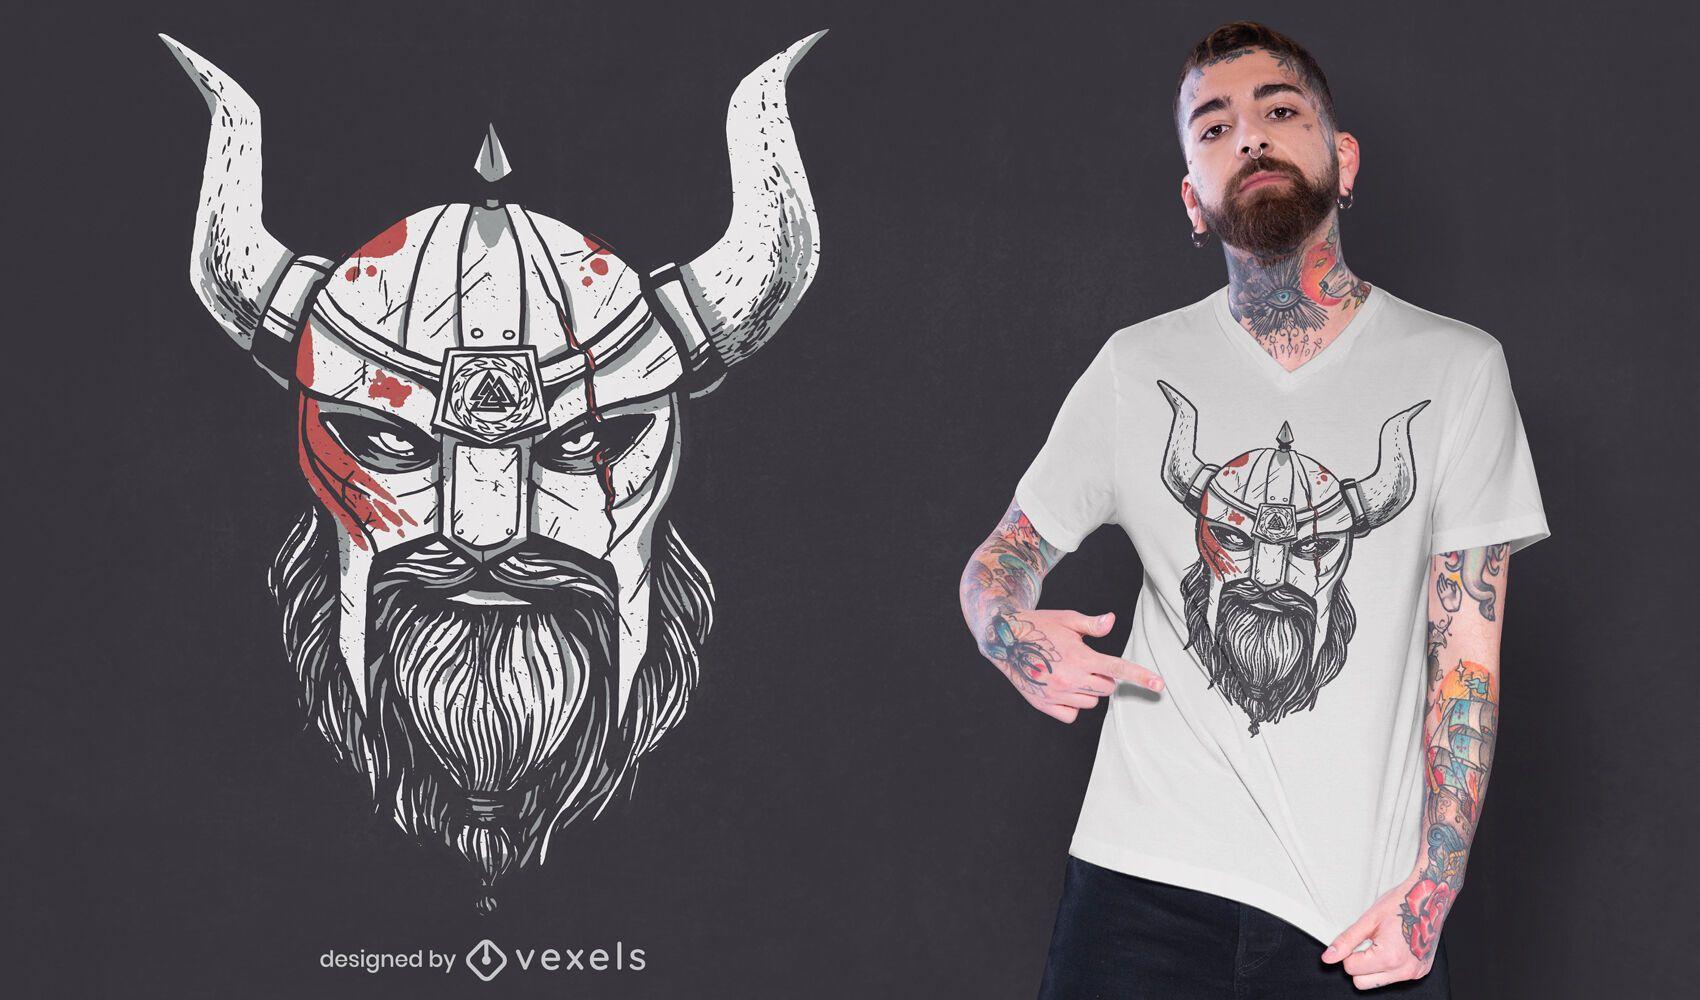 Diseño de camiseta de casco sangriento de cabeza vikinga.